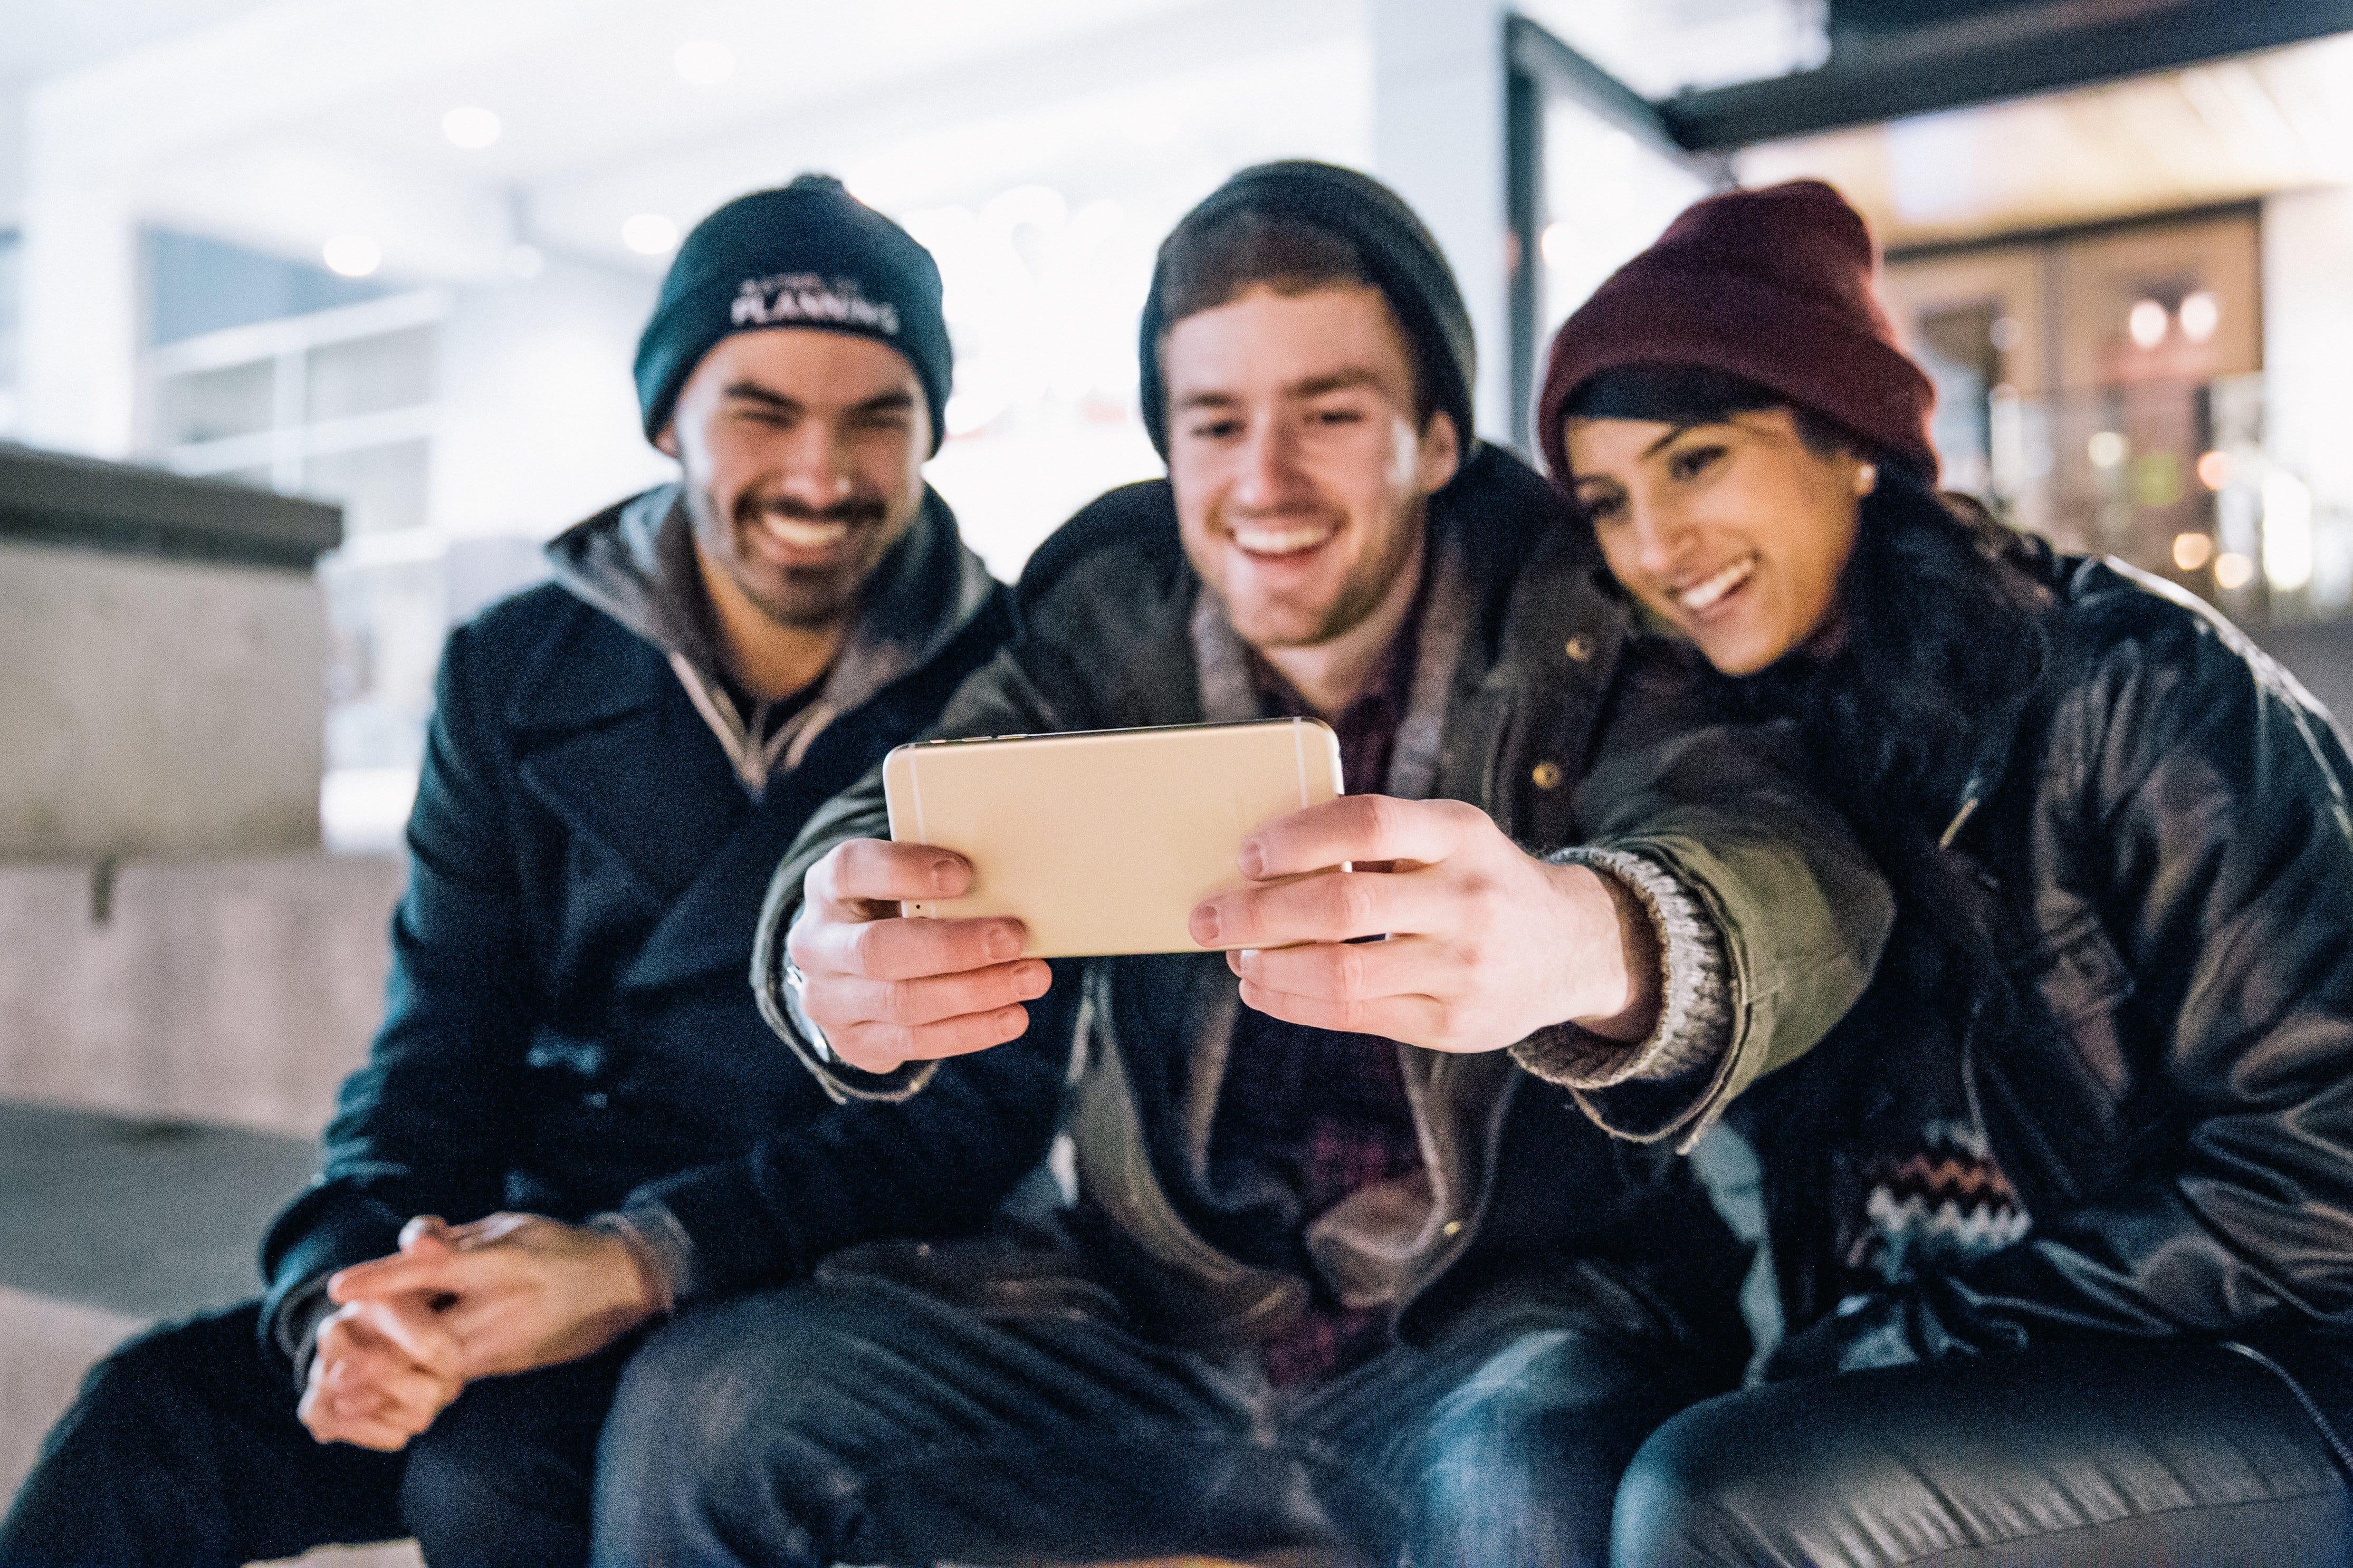 ¿Por qué acaban los datos de tu móvil?